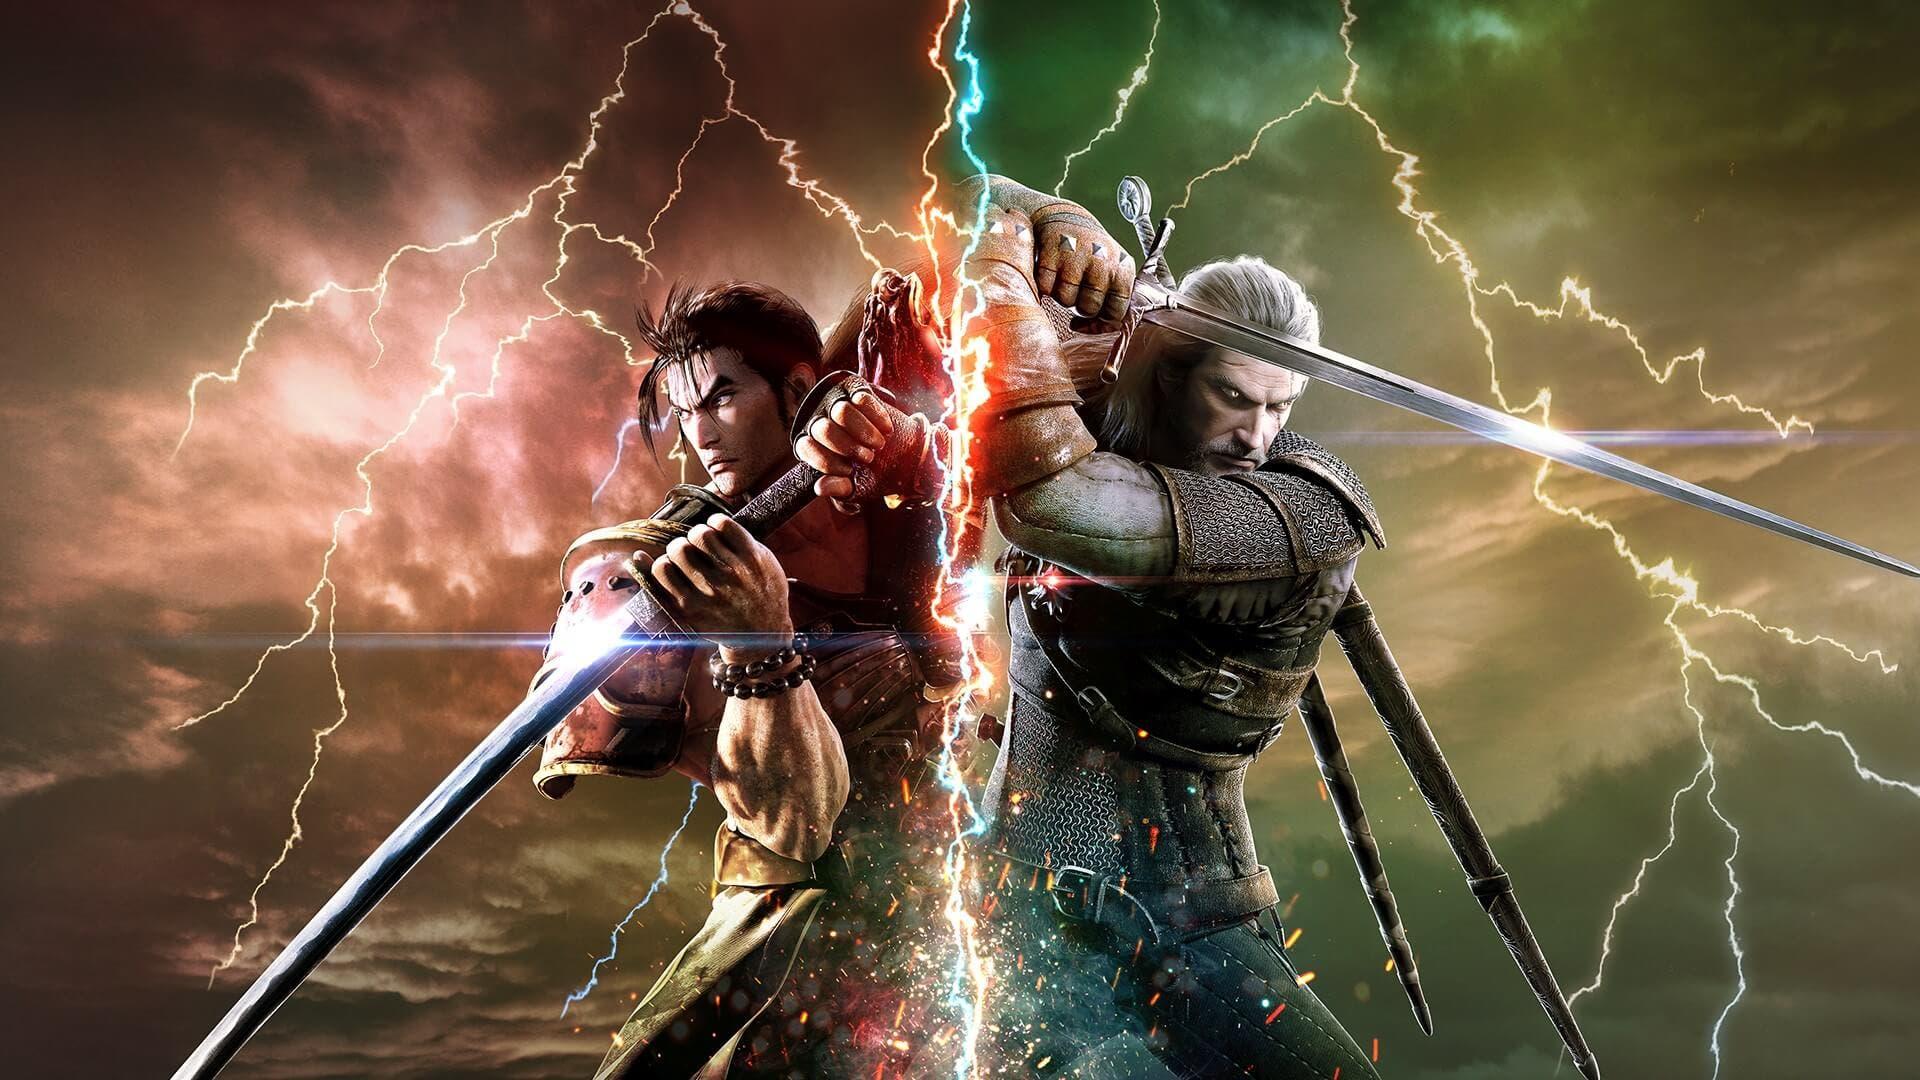 Estos son los 2 juegos gratis para Xbox Series X S y Xbox One gracias a los Free Play Days 1